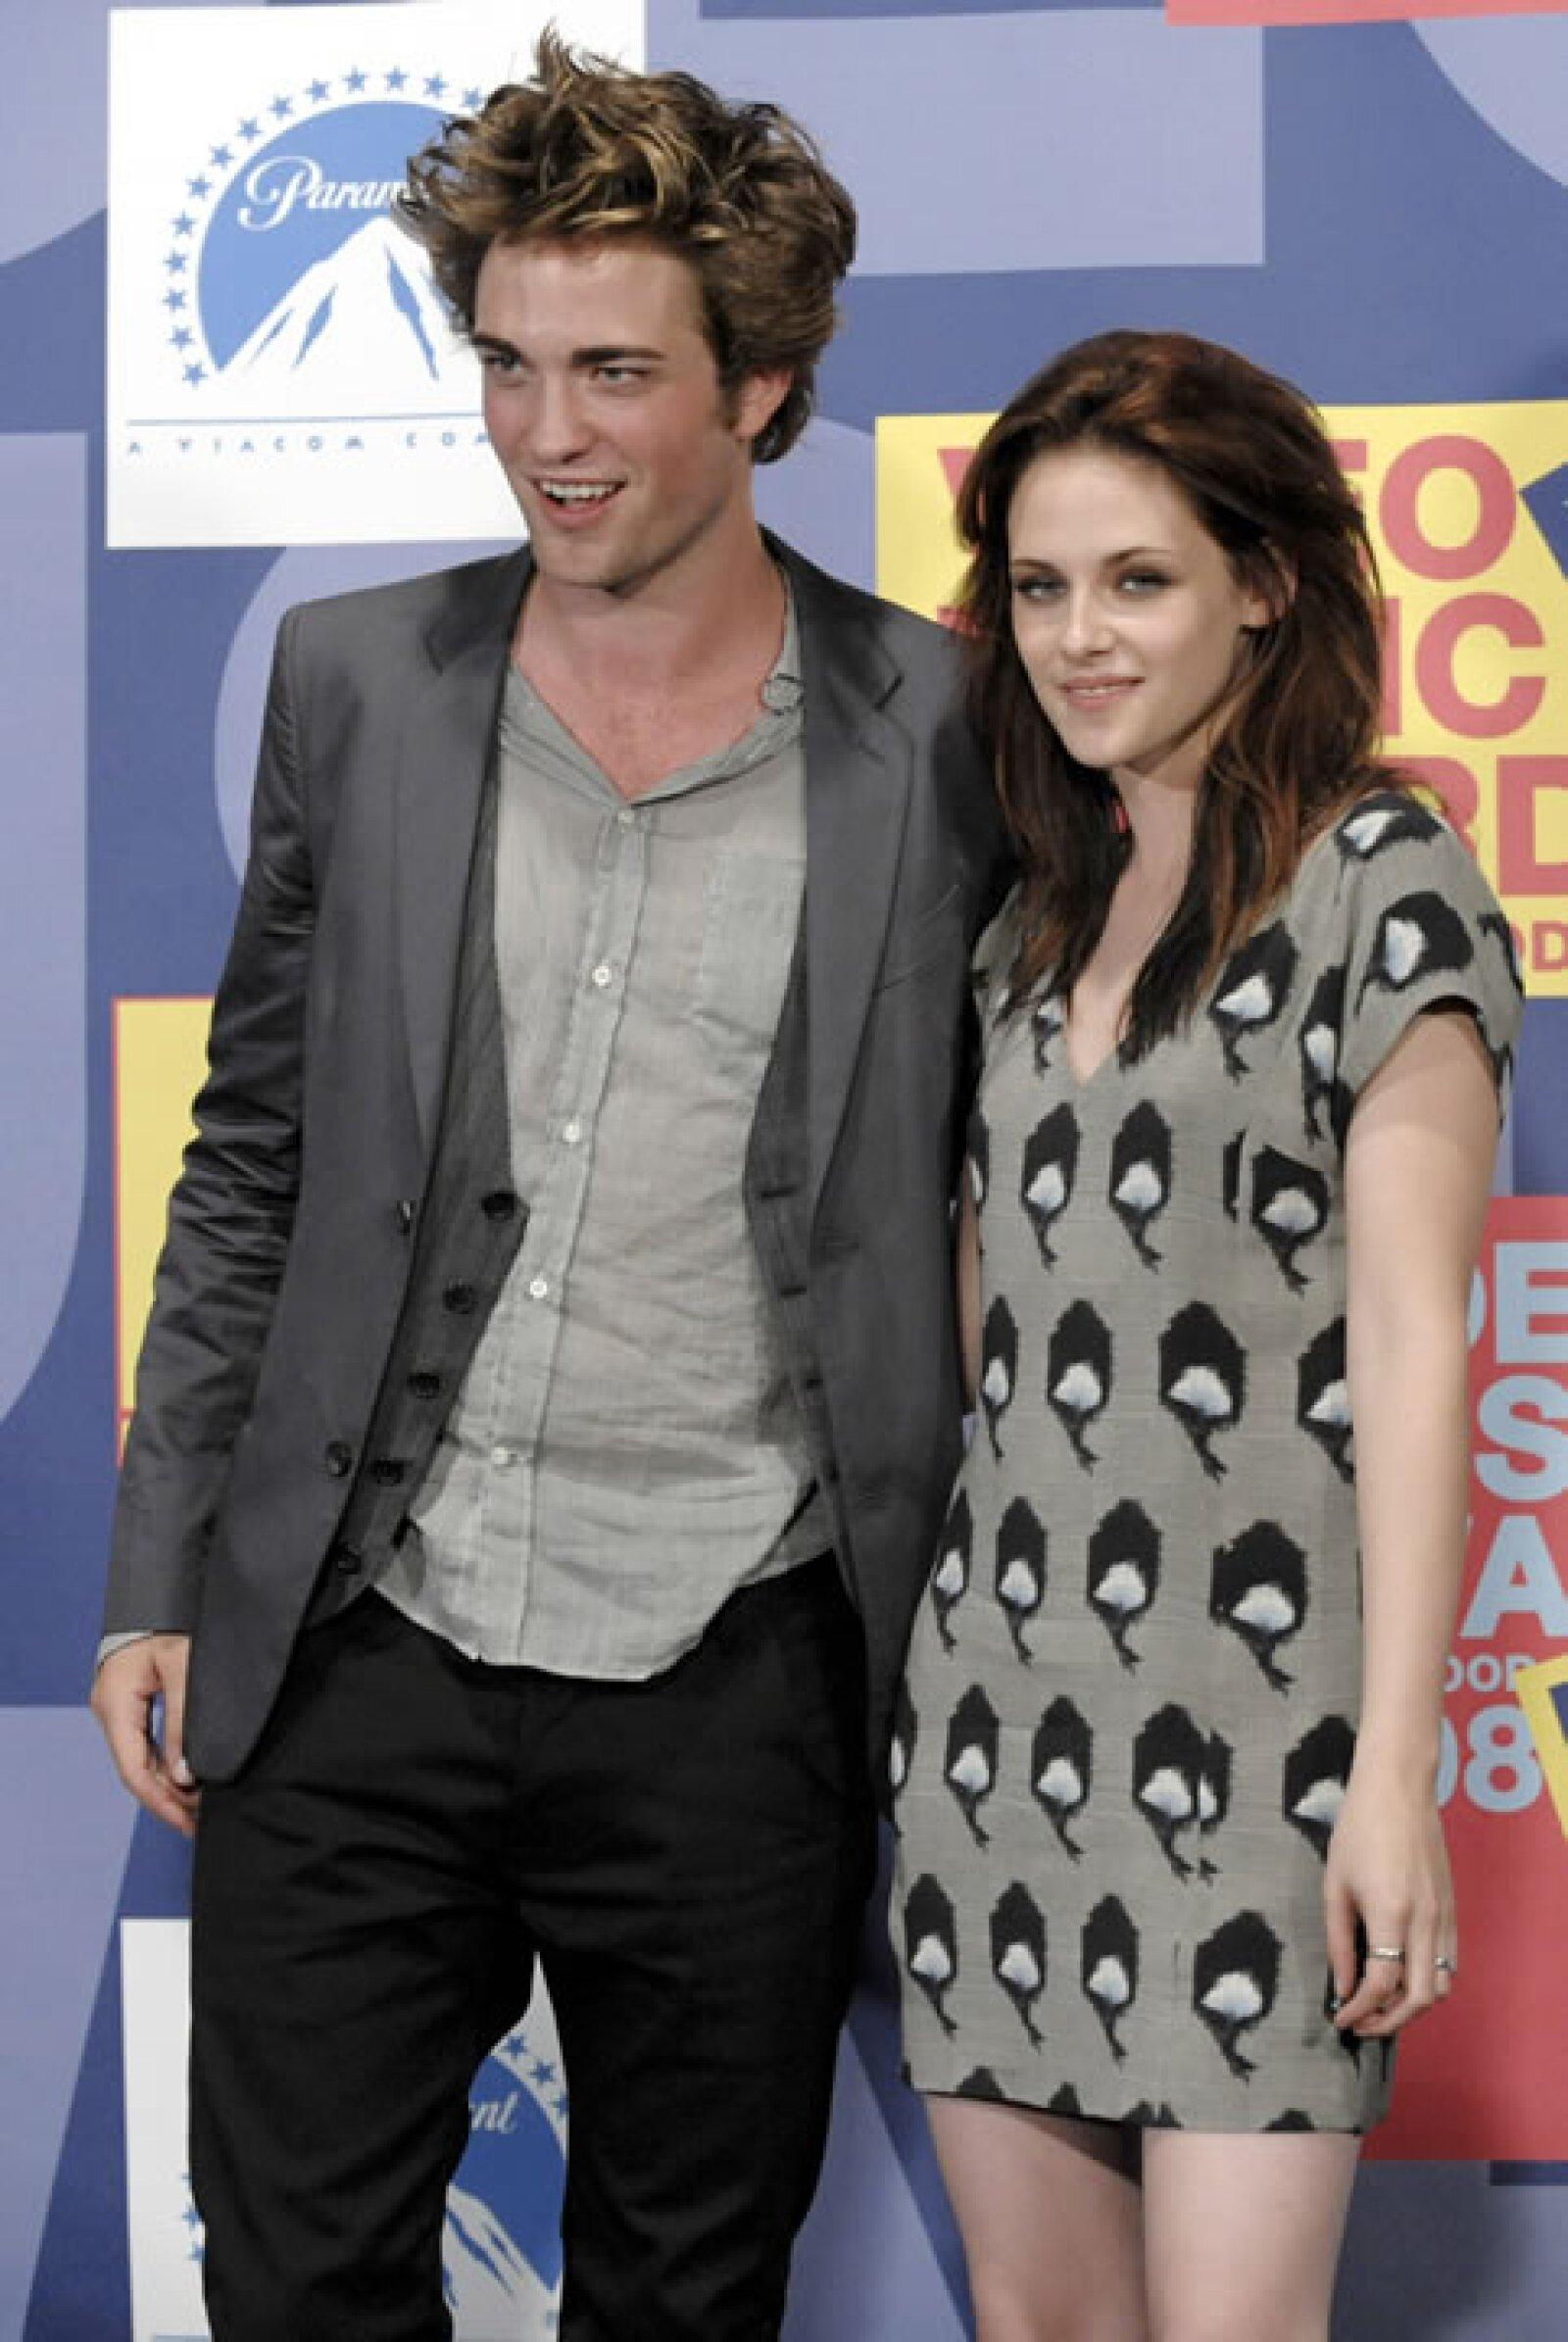 La primera vez que los captaron en situación romántica, fue en 2009 en la ciudad de Nueva York, donde muchos afirman parecían `preparatorianos enamorados´.